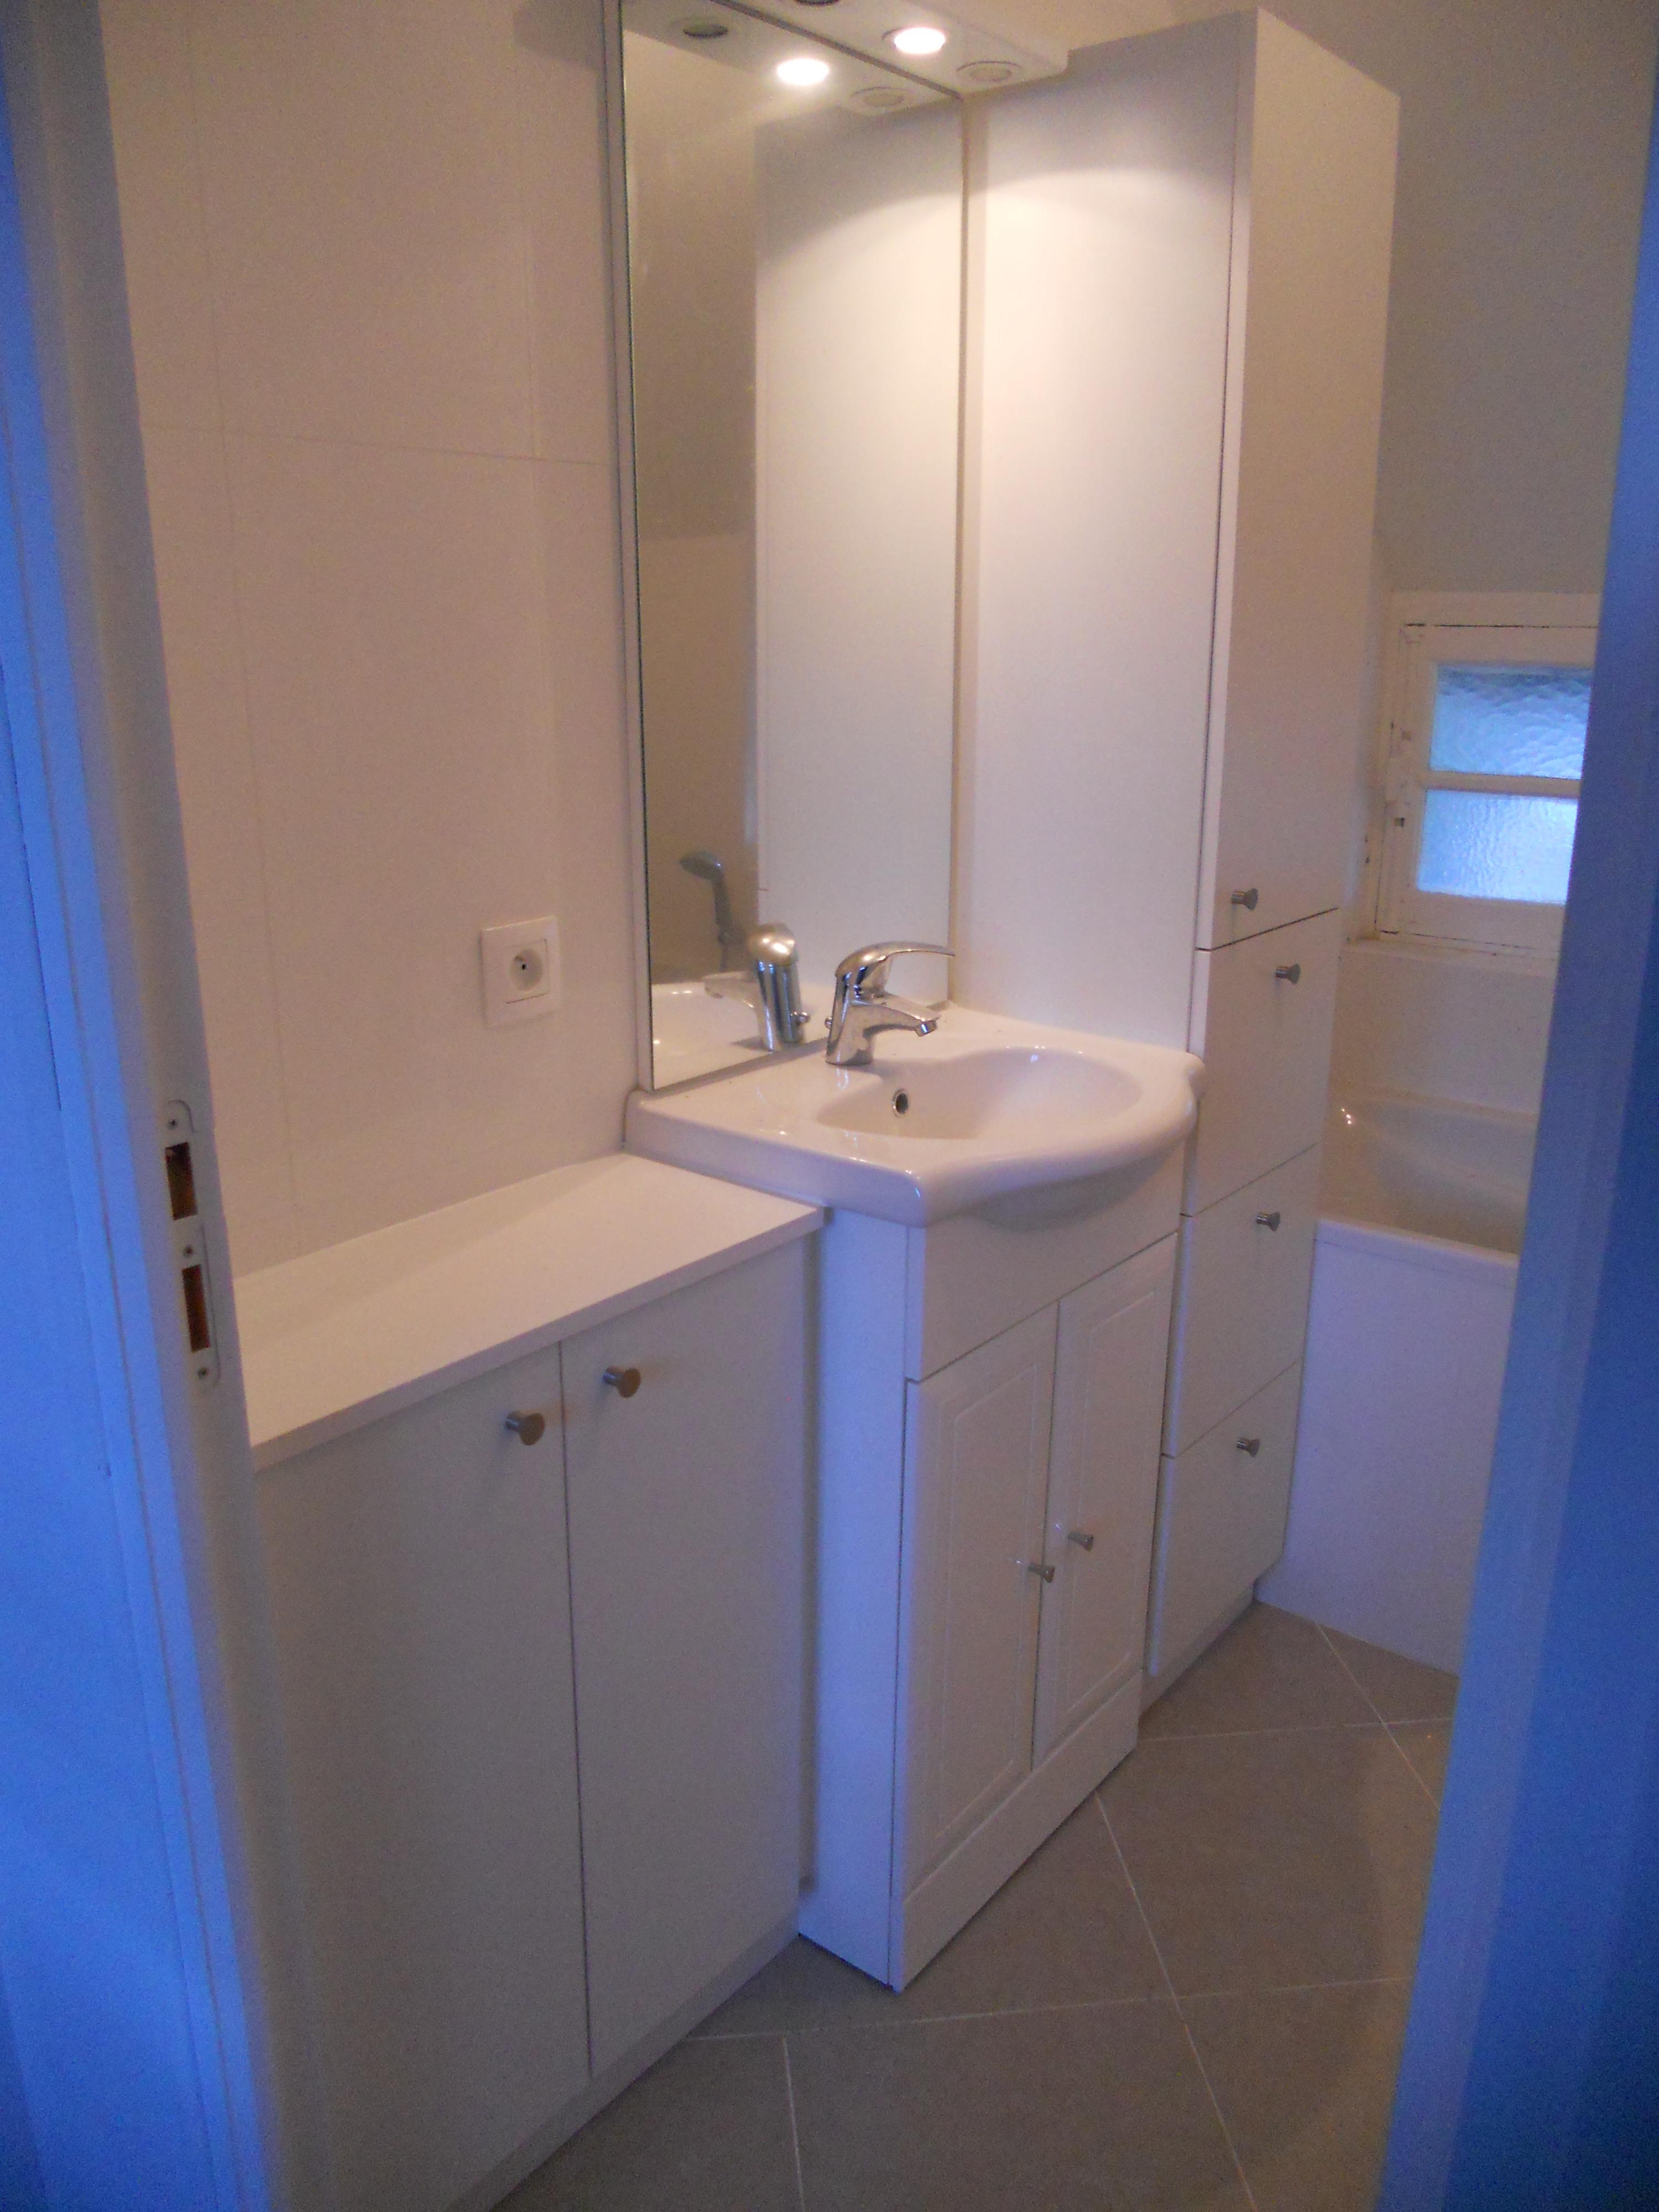 Meubles de salle de bain brodie agencement for Meuble salle de bain deux portes